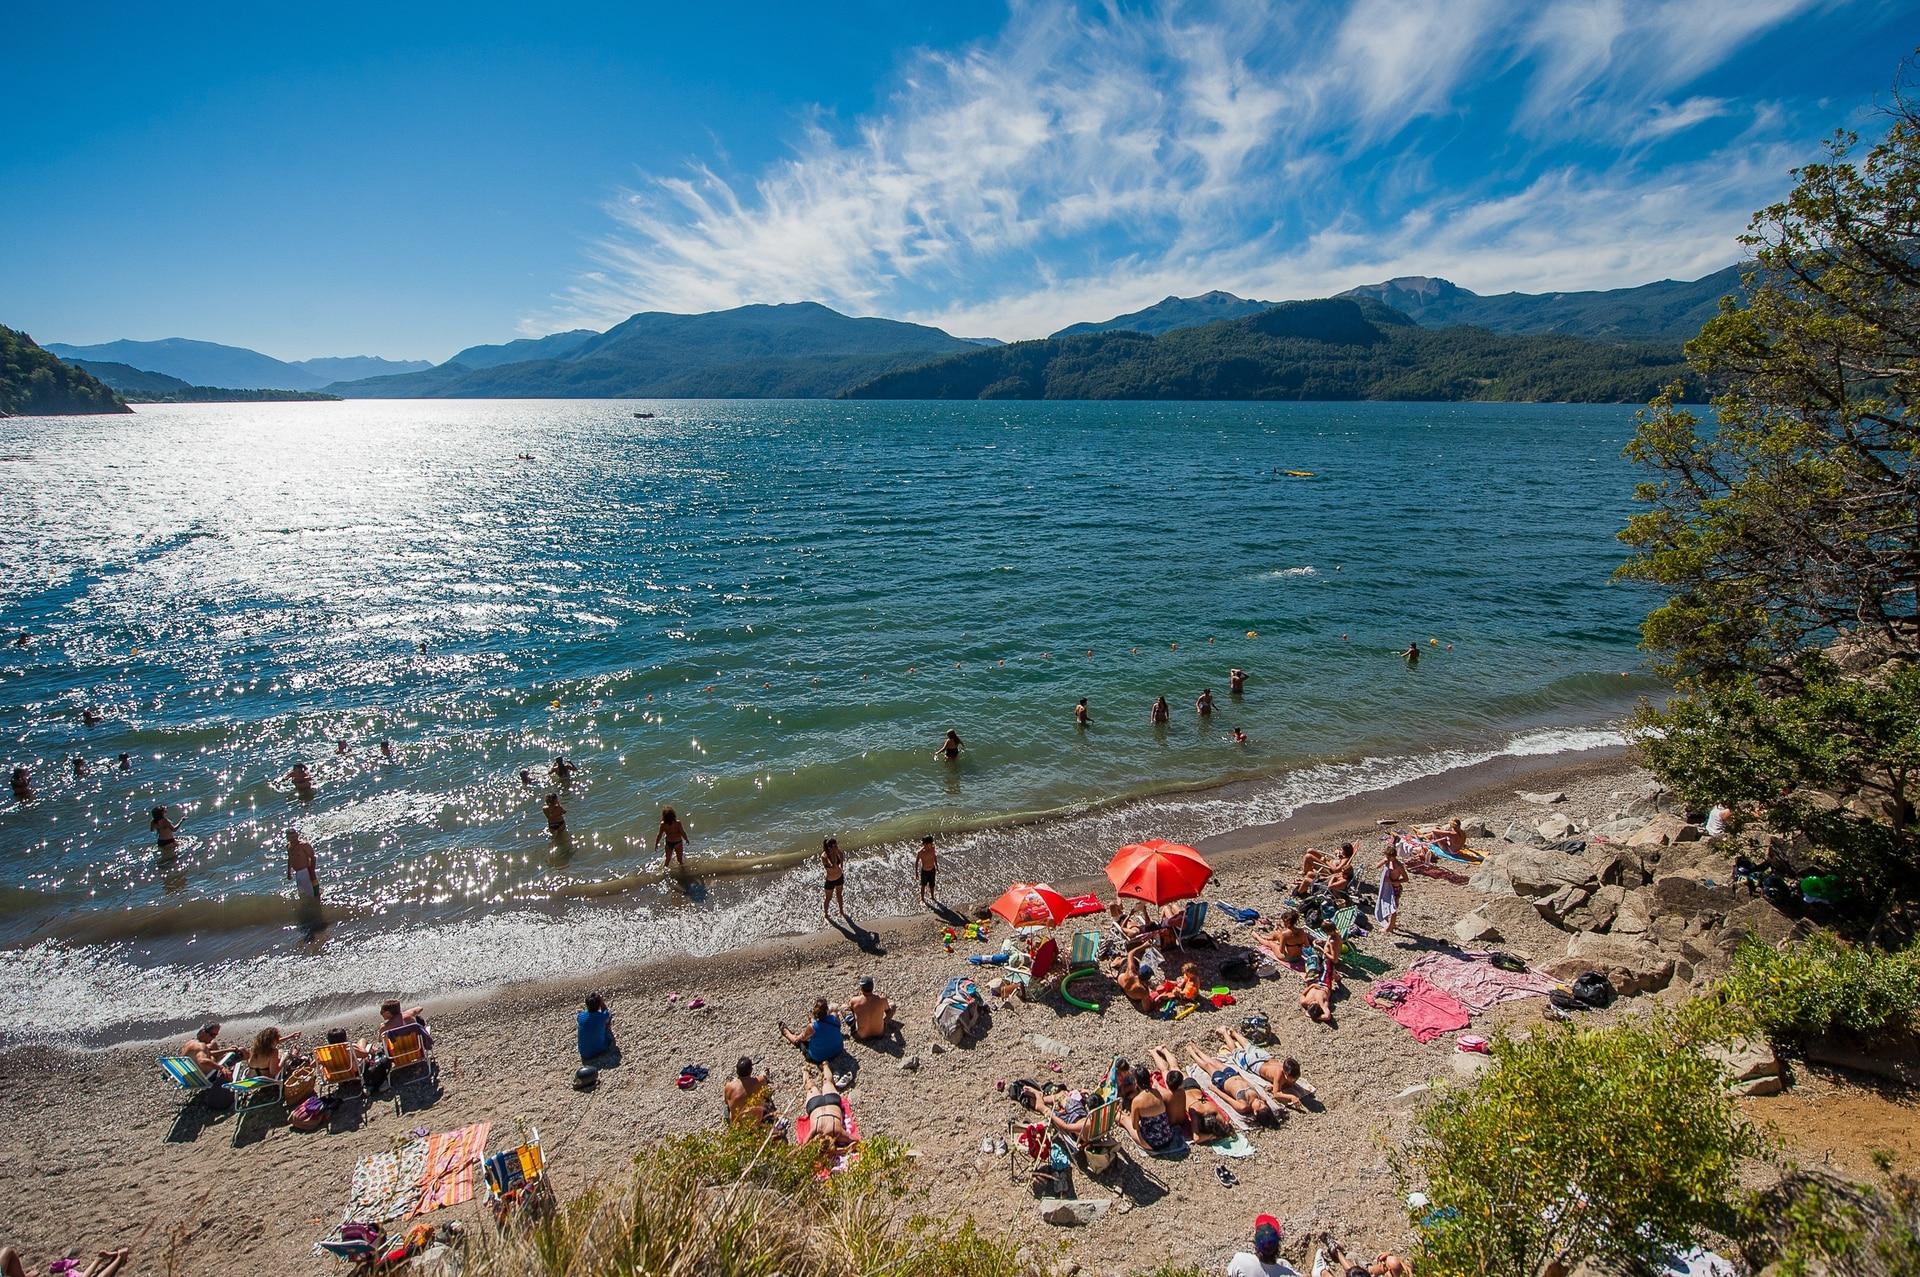 Caritre es una de las playas más concurridas porque está a 5 kilómetros del centro de San Martín